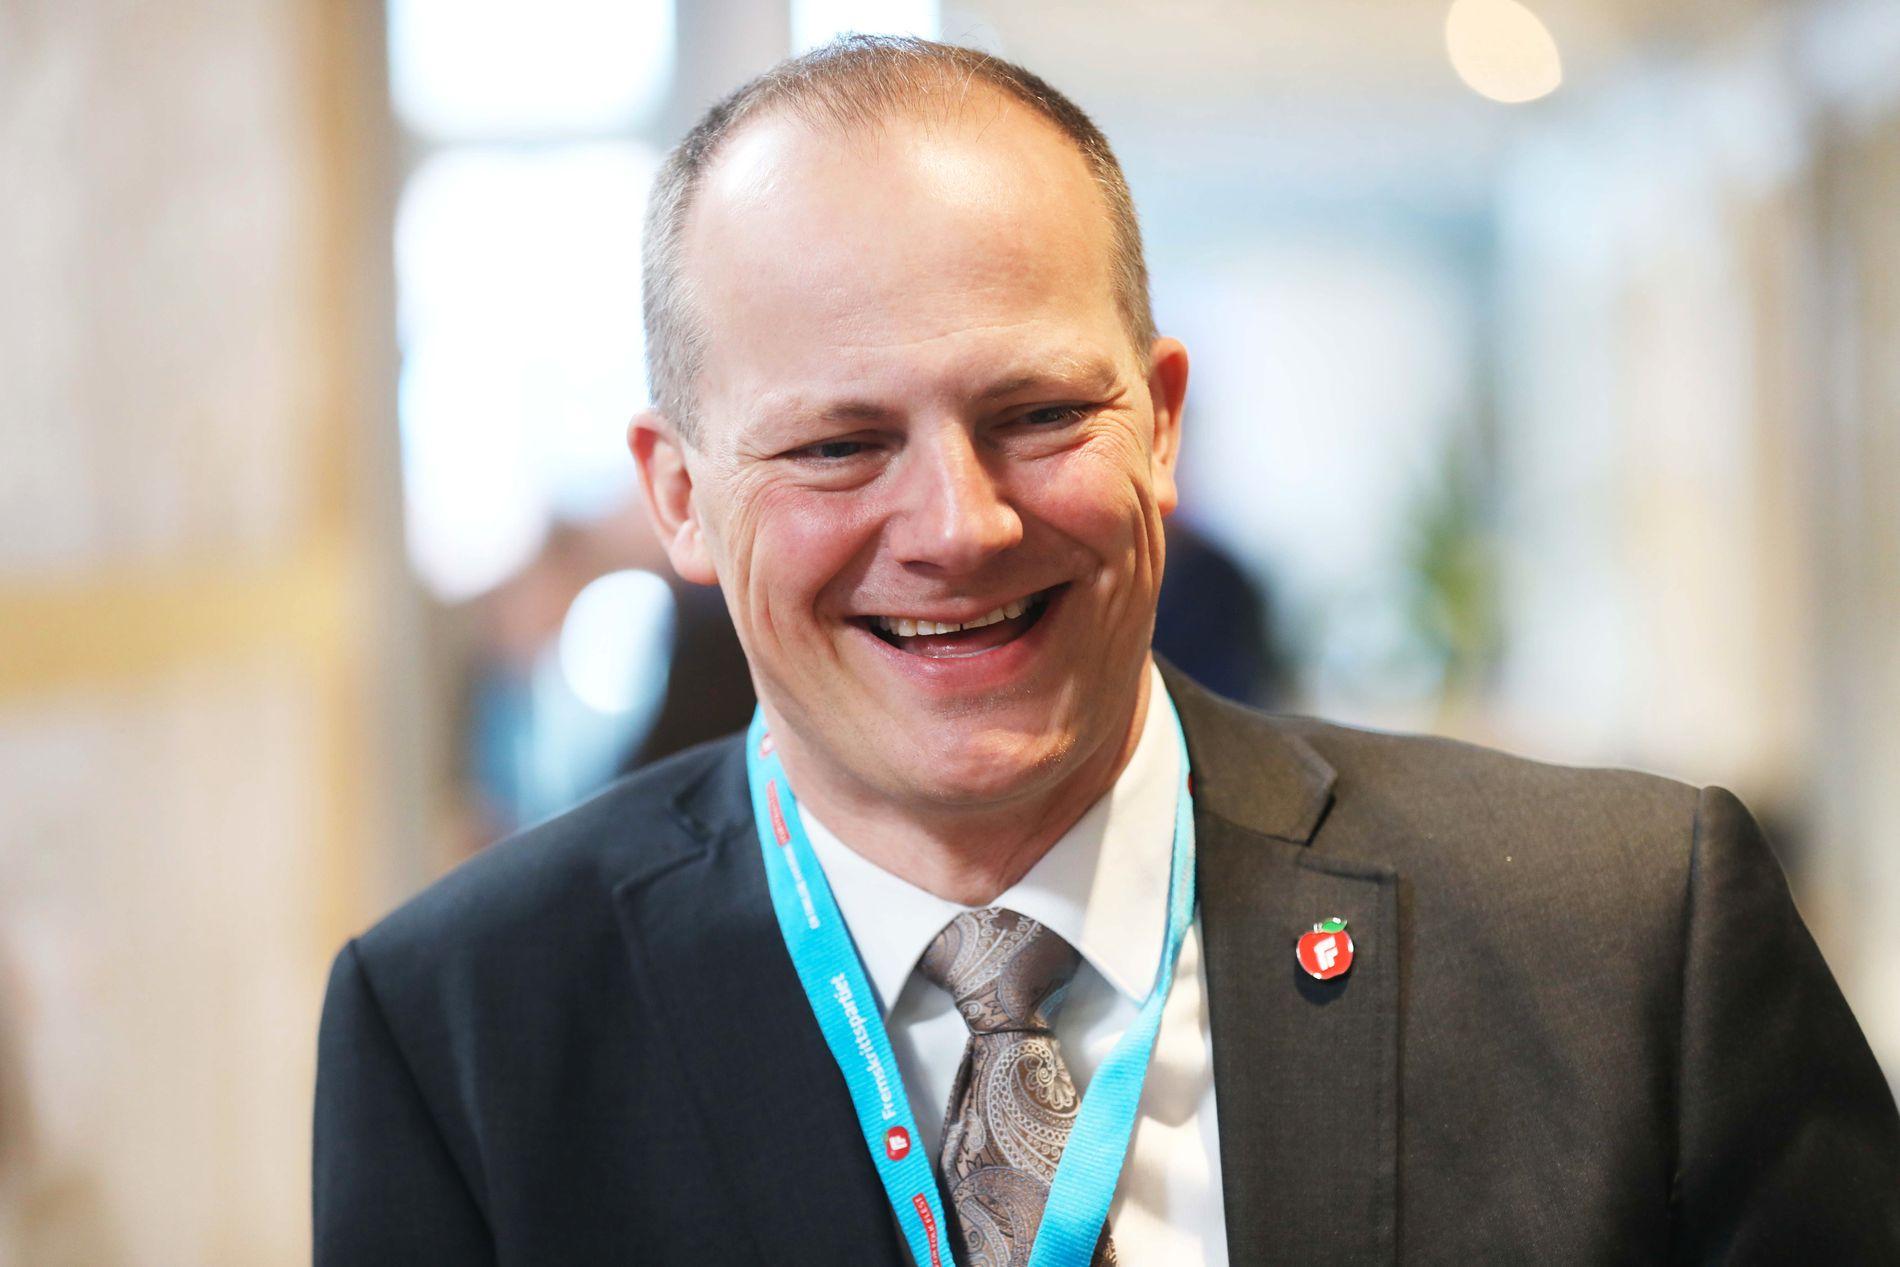 PENNEKRIG? Samferdselsminister Ketil Solvik-Olsen ble så opprørt at han prøvde å kaste en penn på sin egen partileder. Men han bommet.